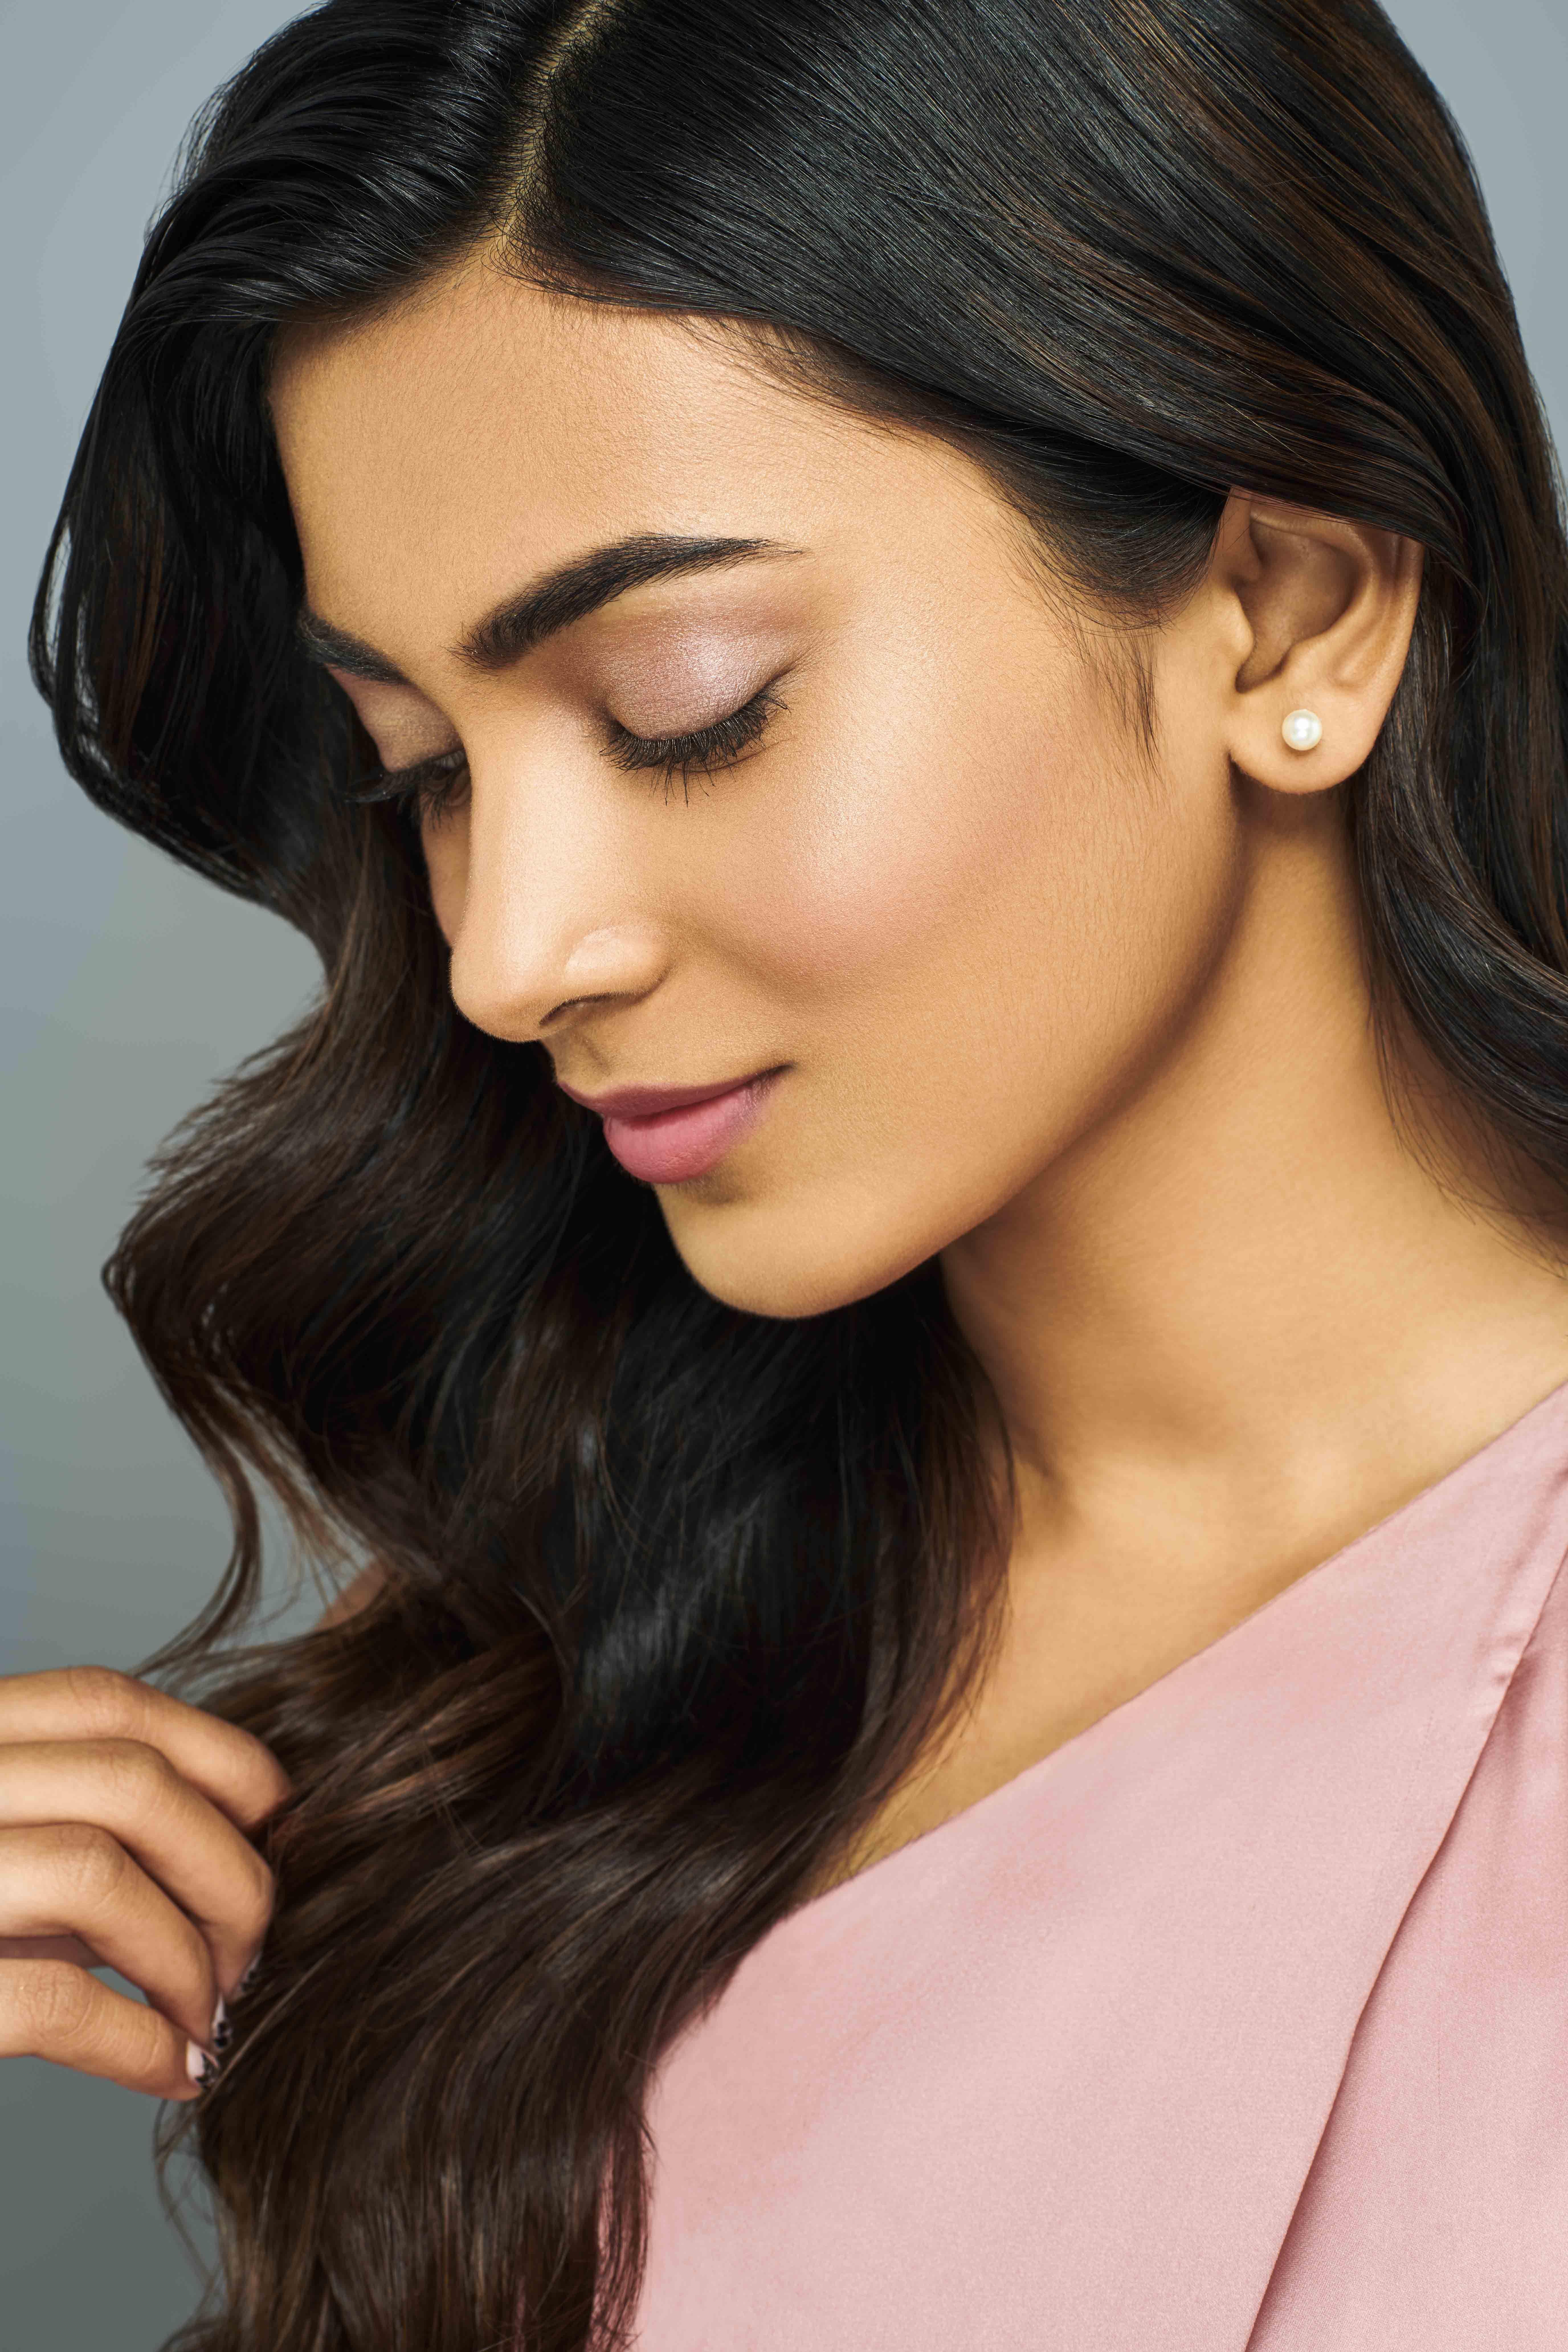 Femina flaunt salon femina miss india maharashtra 2019 in